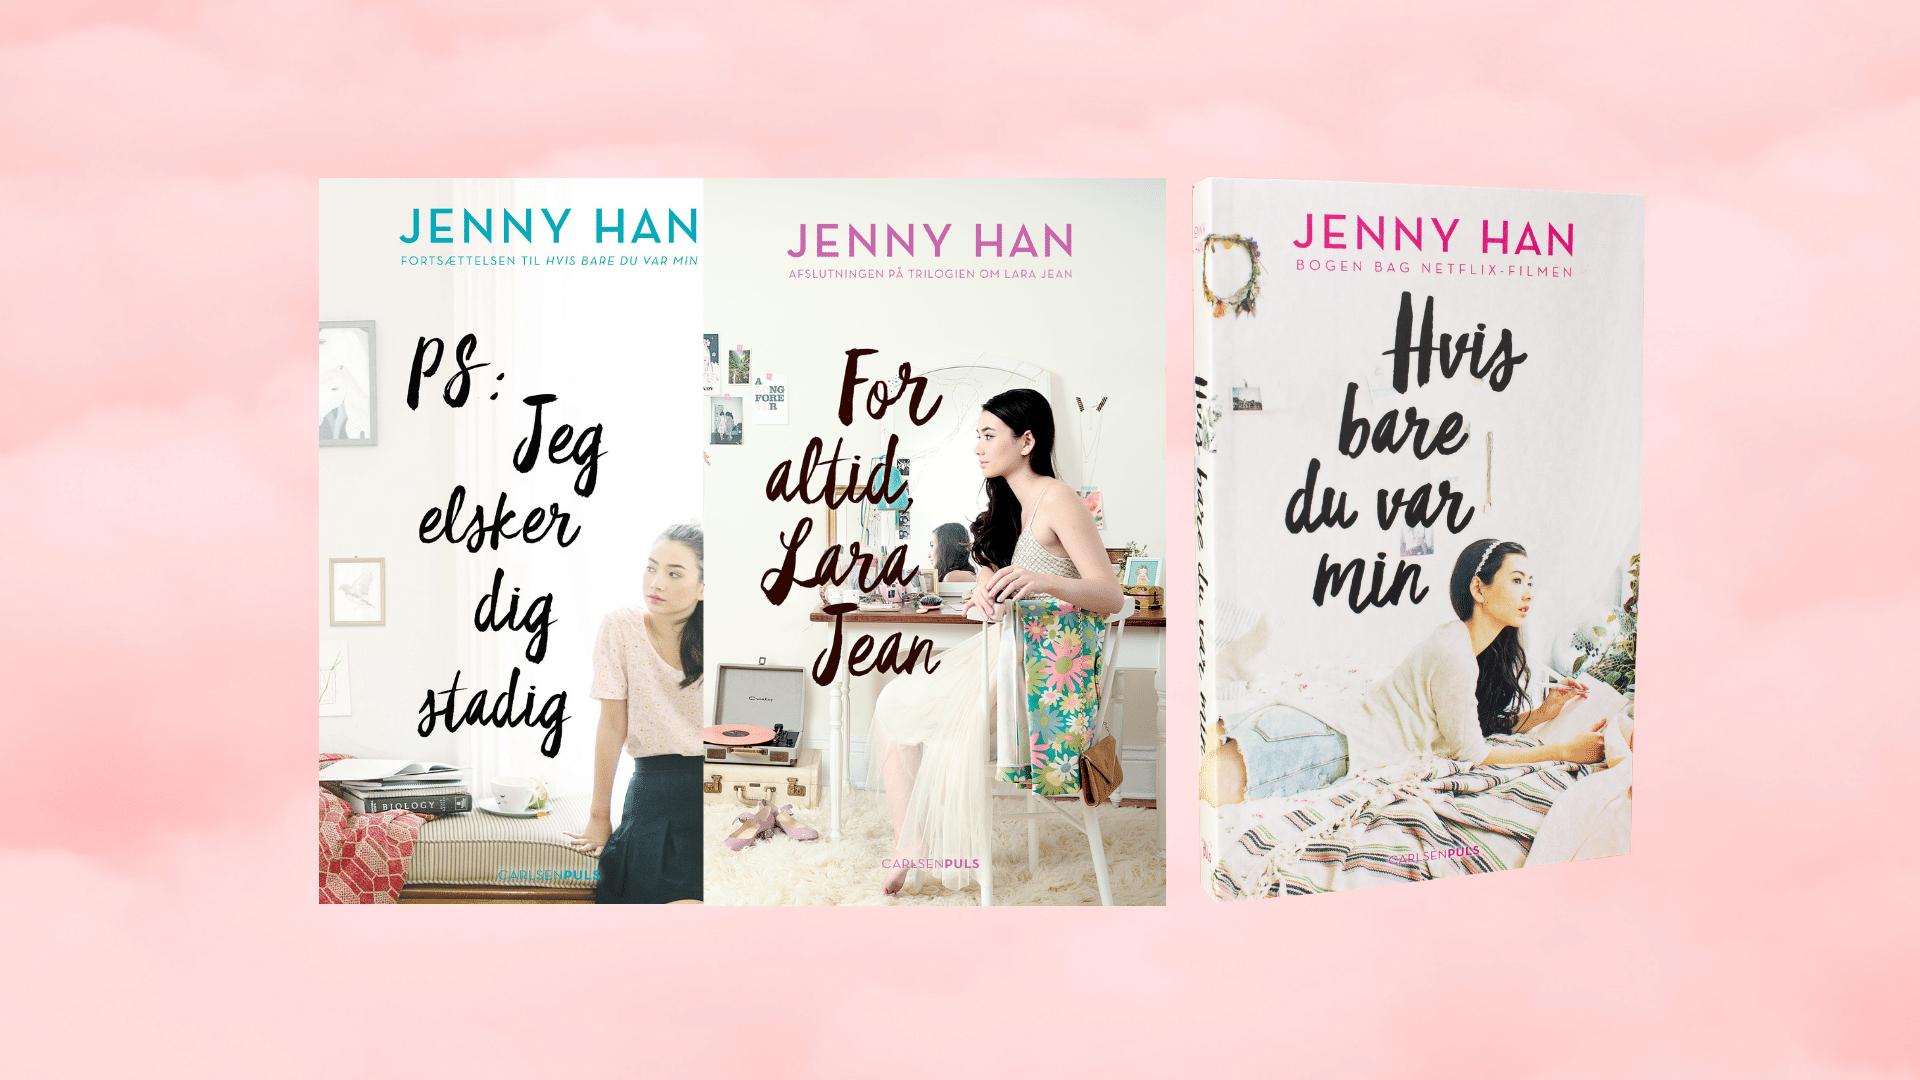 Jenny Han, Lara Jean, Hvis bare du var min PS. jeg elsker dig stadig, for altid lara jean, netflix